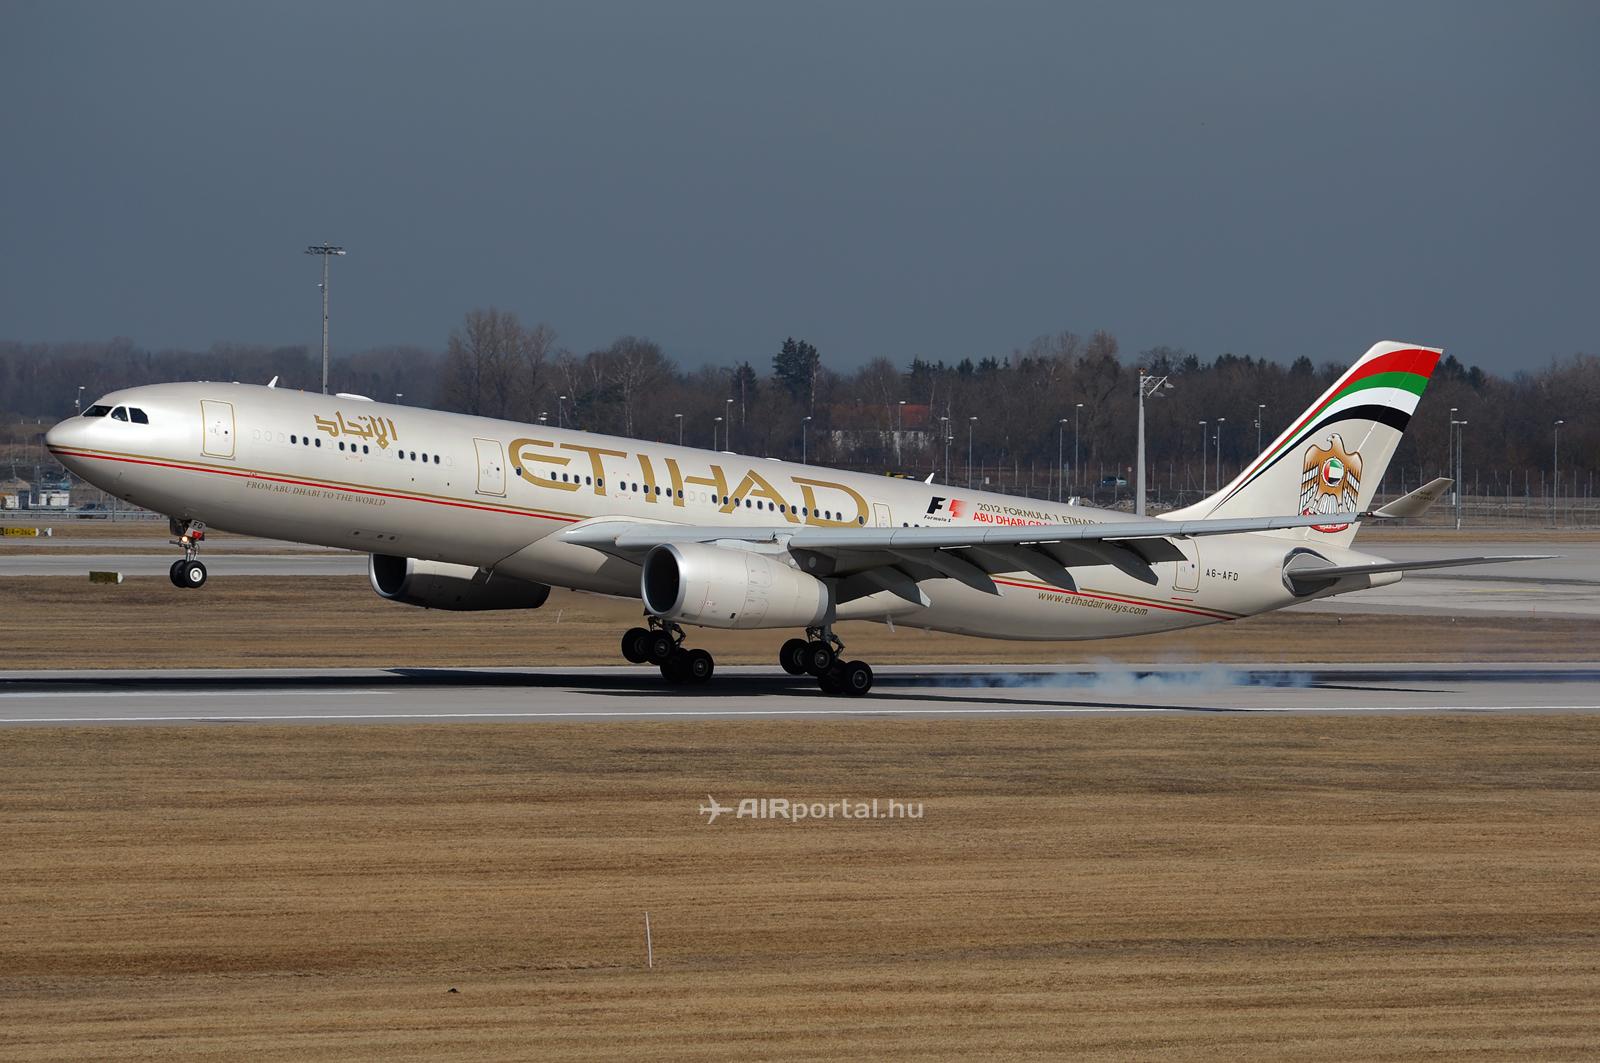 Várhatóan az Etihad Airways közvetítésével, vagy akár annak flottájából érkezhet az Air Serbia leendő Airbus A330-as repülőgépe. (Fotó: Kovács Gábor - AIRportal.hu) | © AIRportal.hu